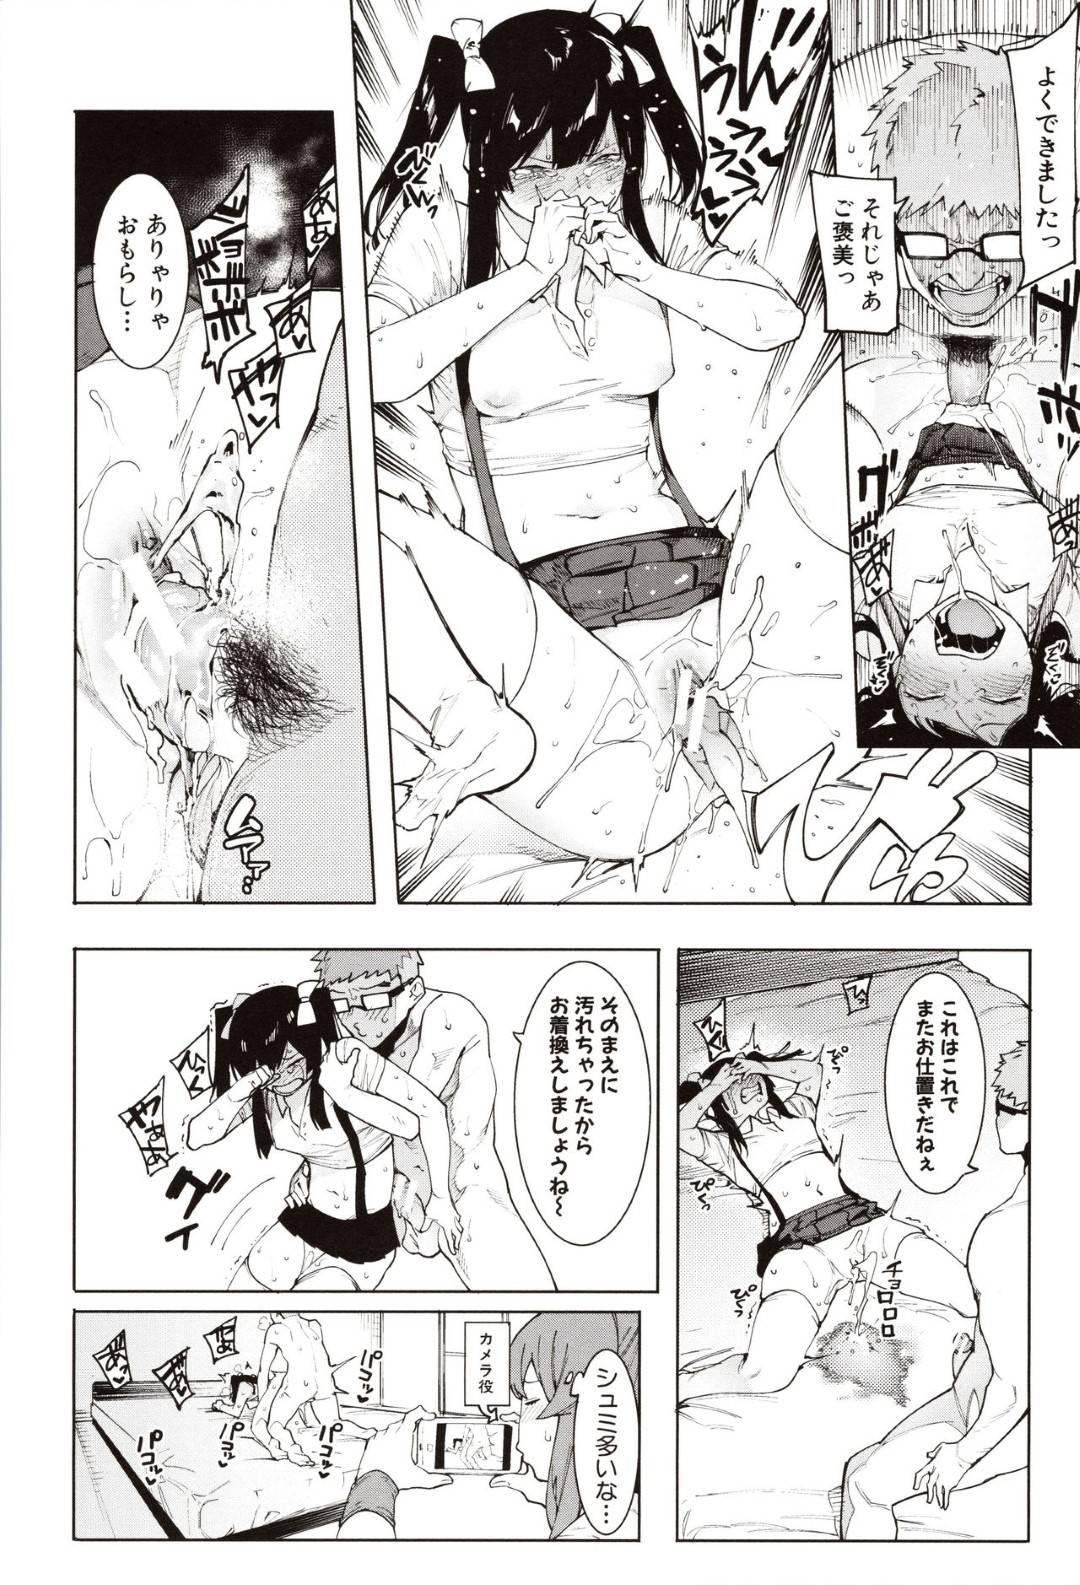 【エロ漫画】エロコスチュームを着て男とイチャラブしちゃうかわいい美少女2人…Mに羞恥プレイしちゃって3Pセックスでトロ顔に中出しされちゃってイチャラブしちゃう!【メネア・ザ・ドッグ:瑞葉にもっとおしおき!】